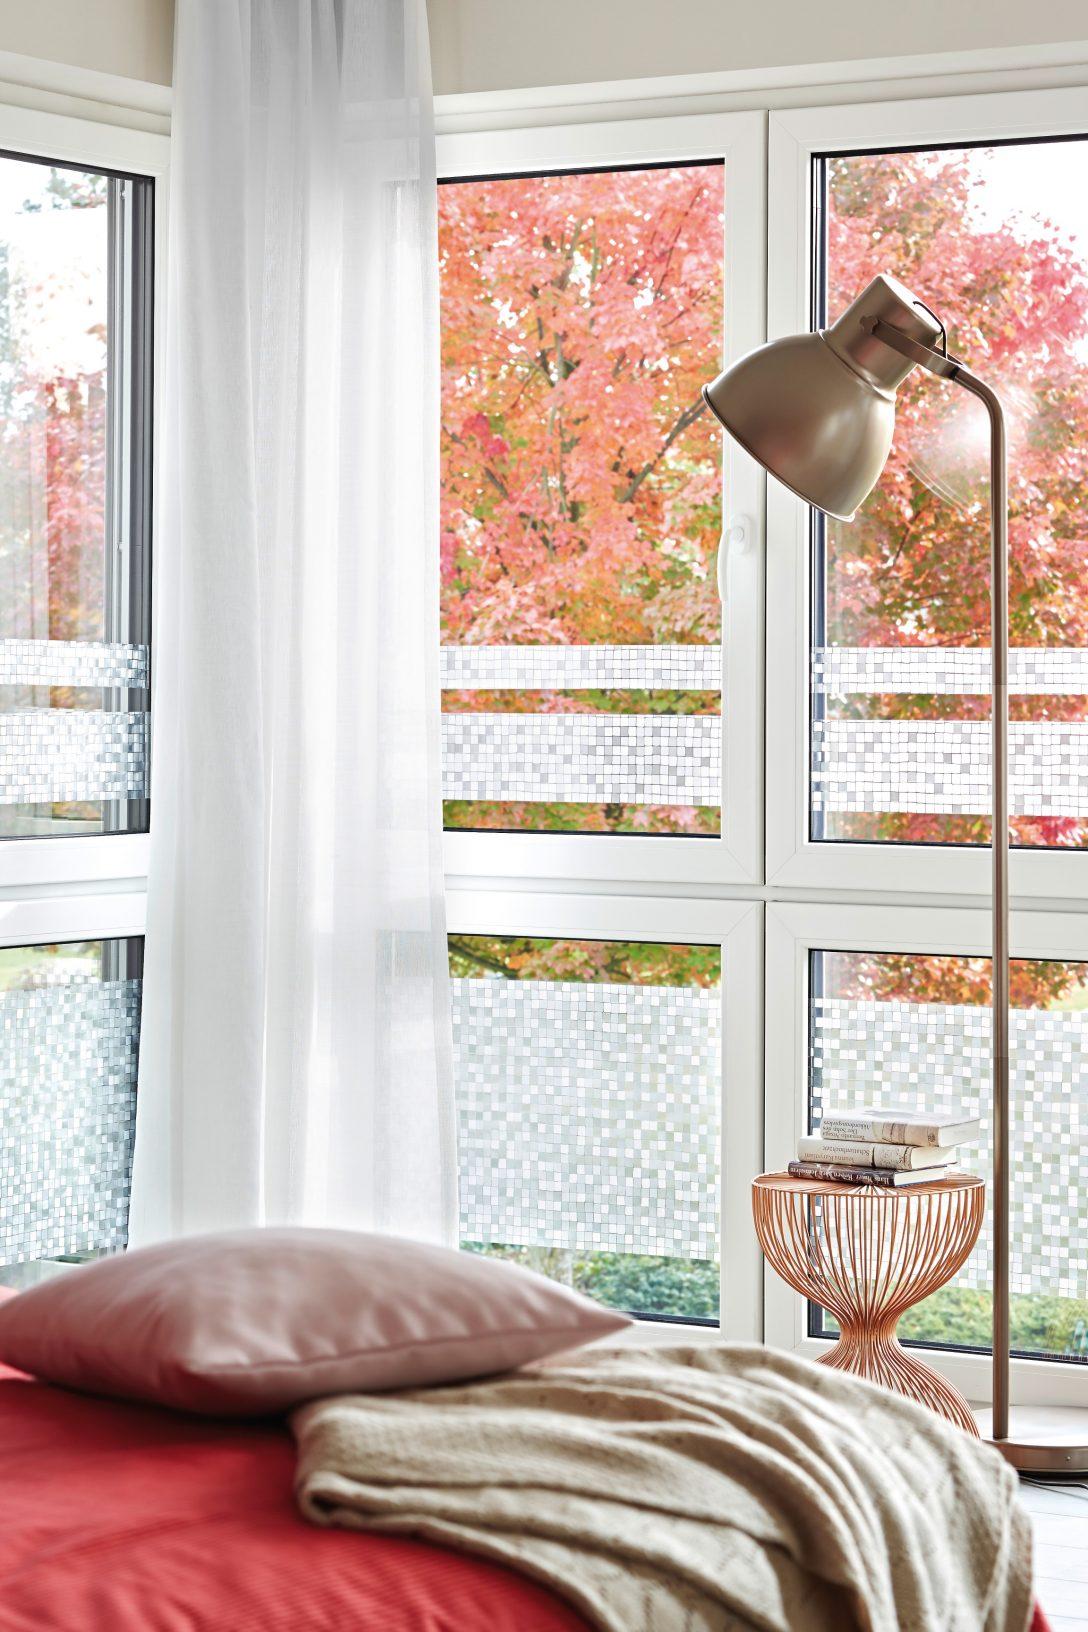 Large Size of Fensterklebefolie Anbringen In 5 Schritten Obi Aluminium Fenster Roro Türen Weru Alte Kaufen Regale Für Dachschrägen Drutex Sichtschutzfolie Einseitig Fenster Klebefolie Für Fenster